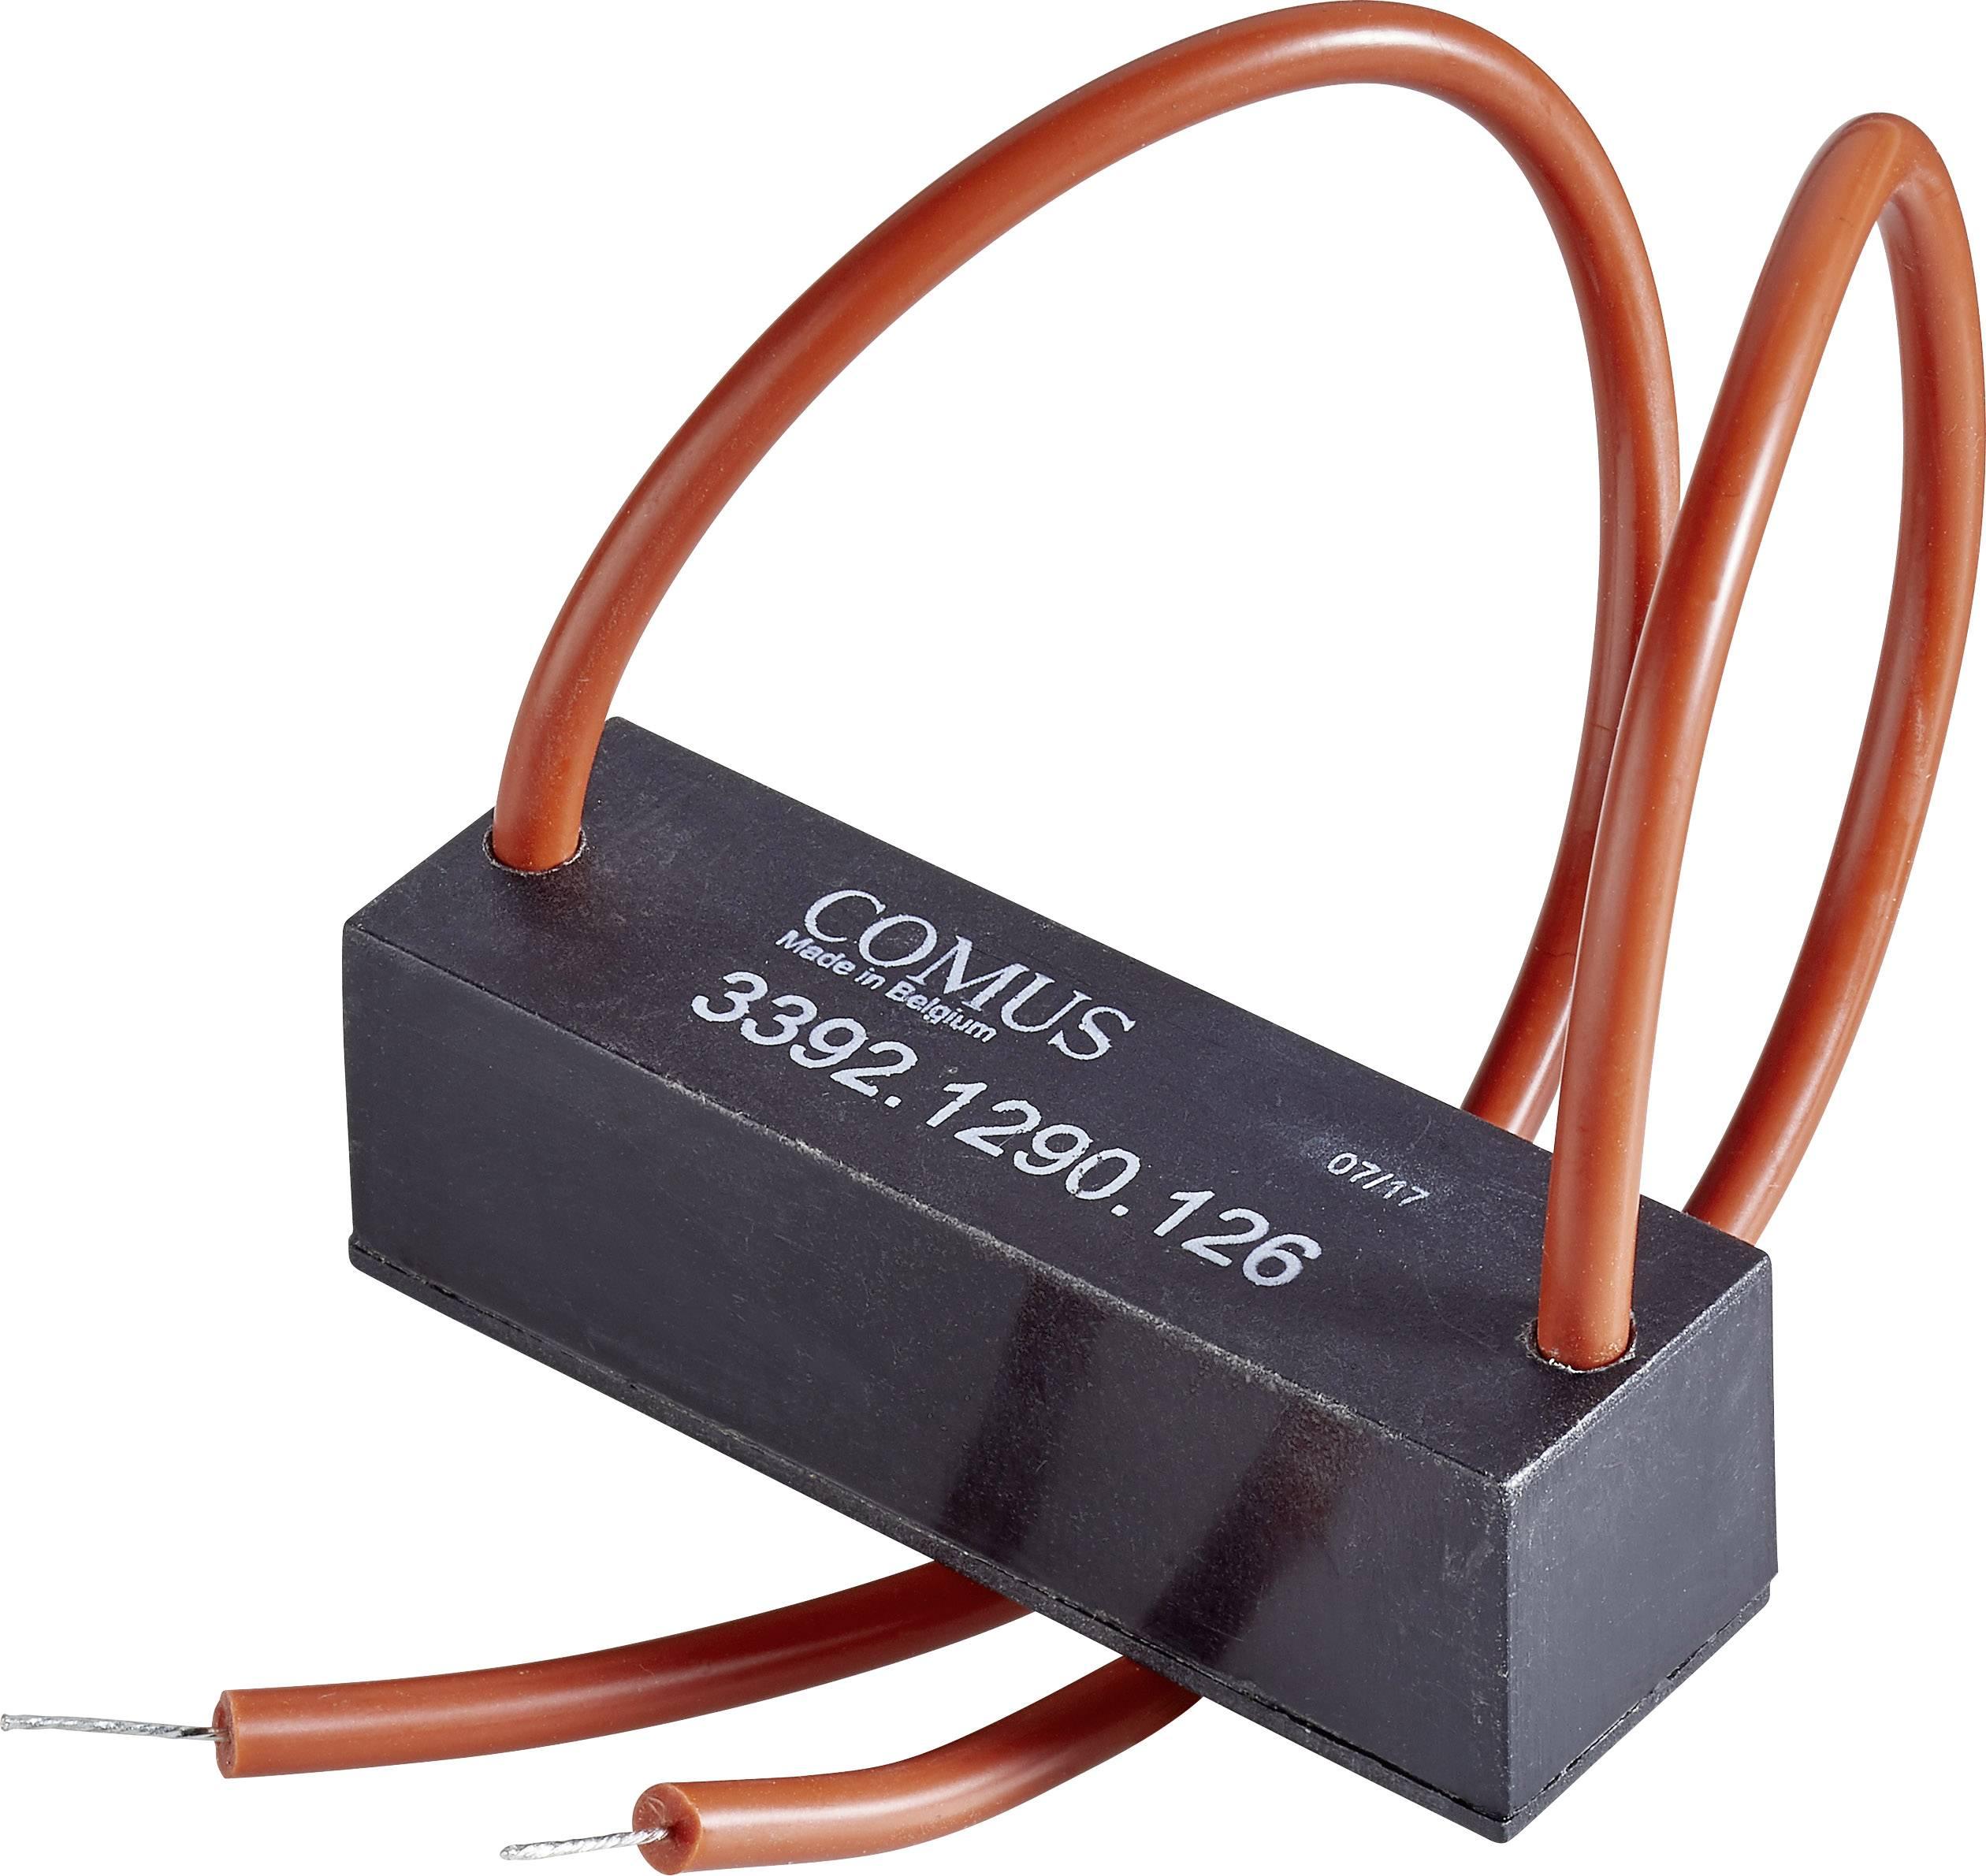 Relé s jazýčkovým kontaktem Comus 3390-1290-246, 3390-1290-246, 1 spínací kontakt, 24 V/DC, 3 A, 50 W